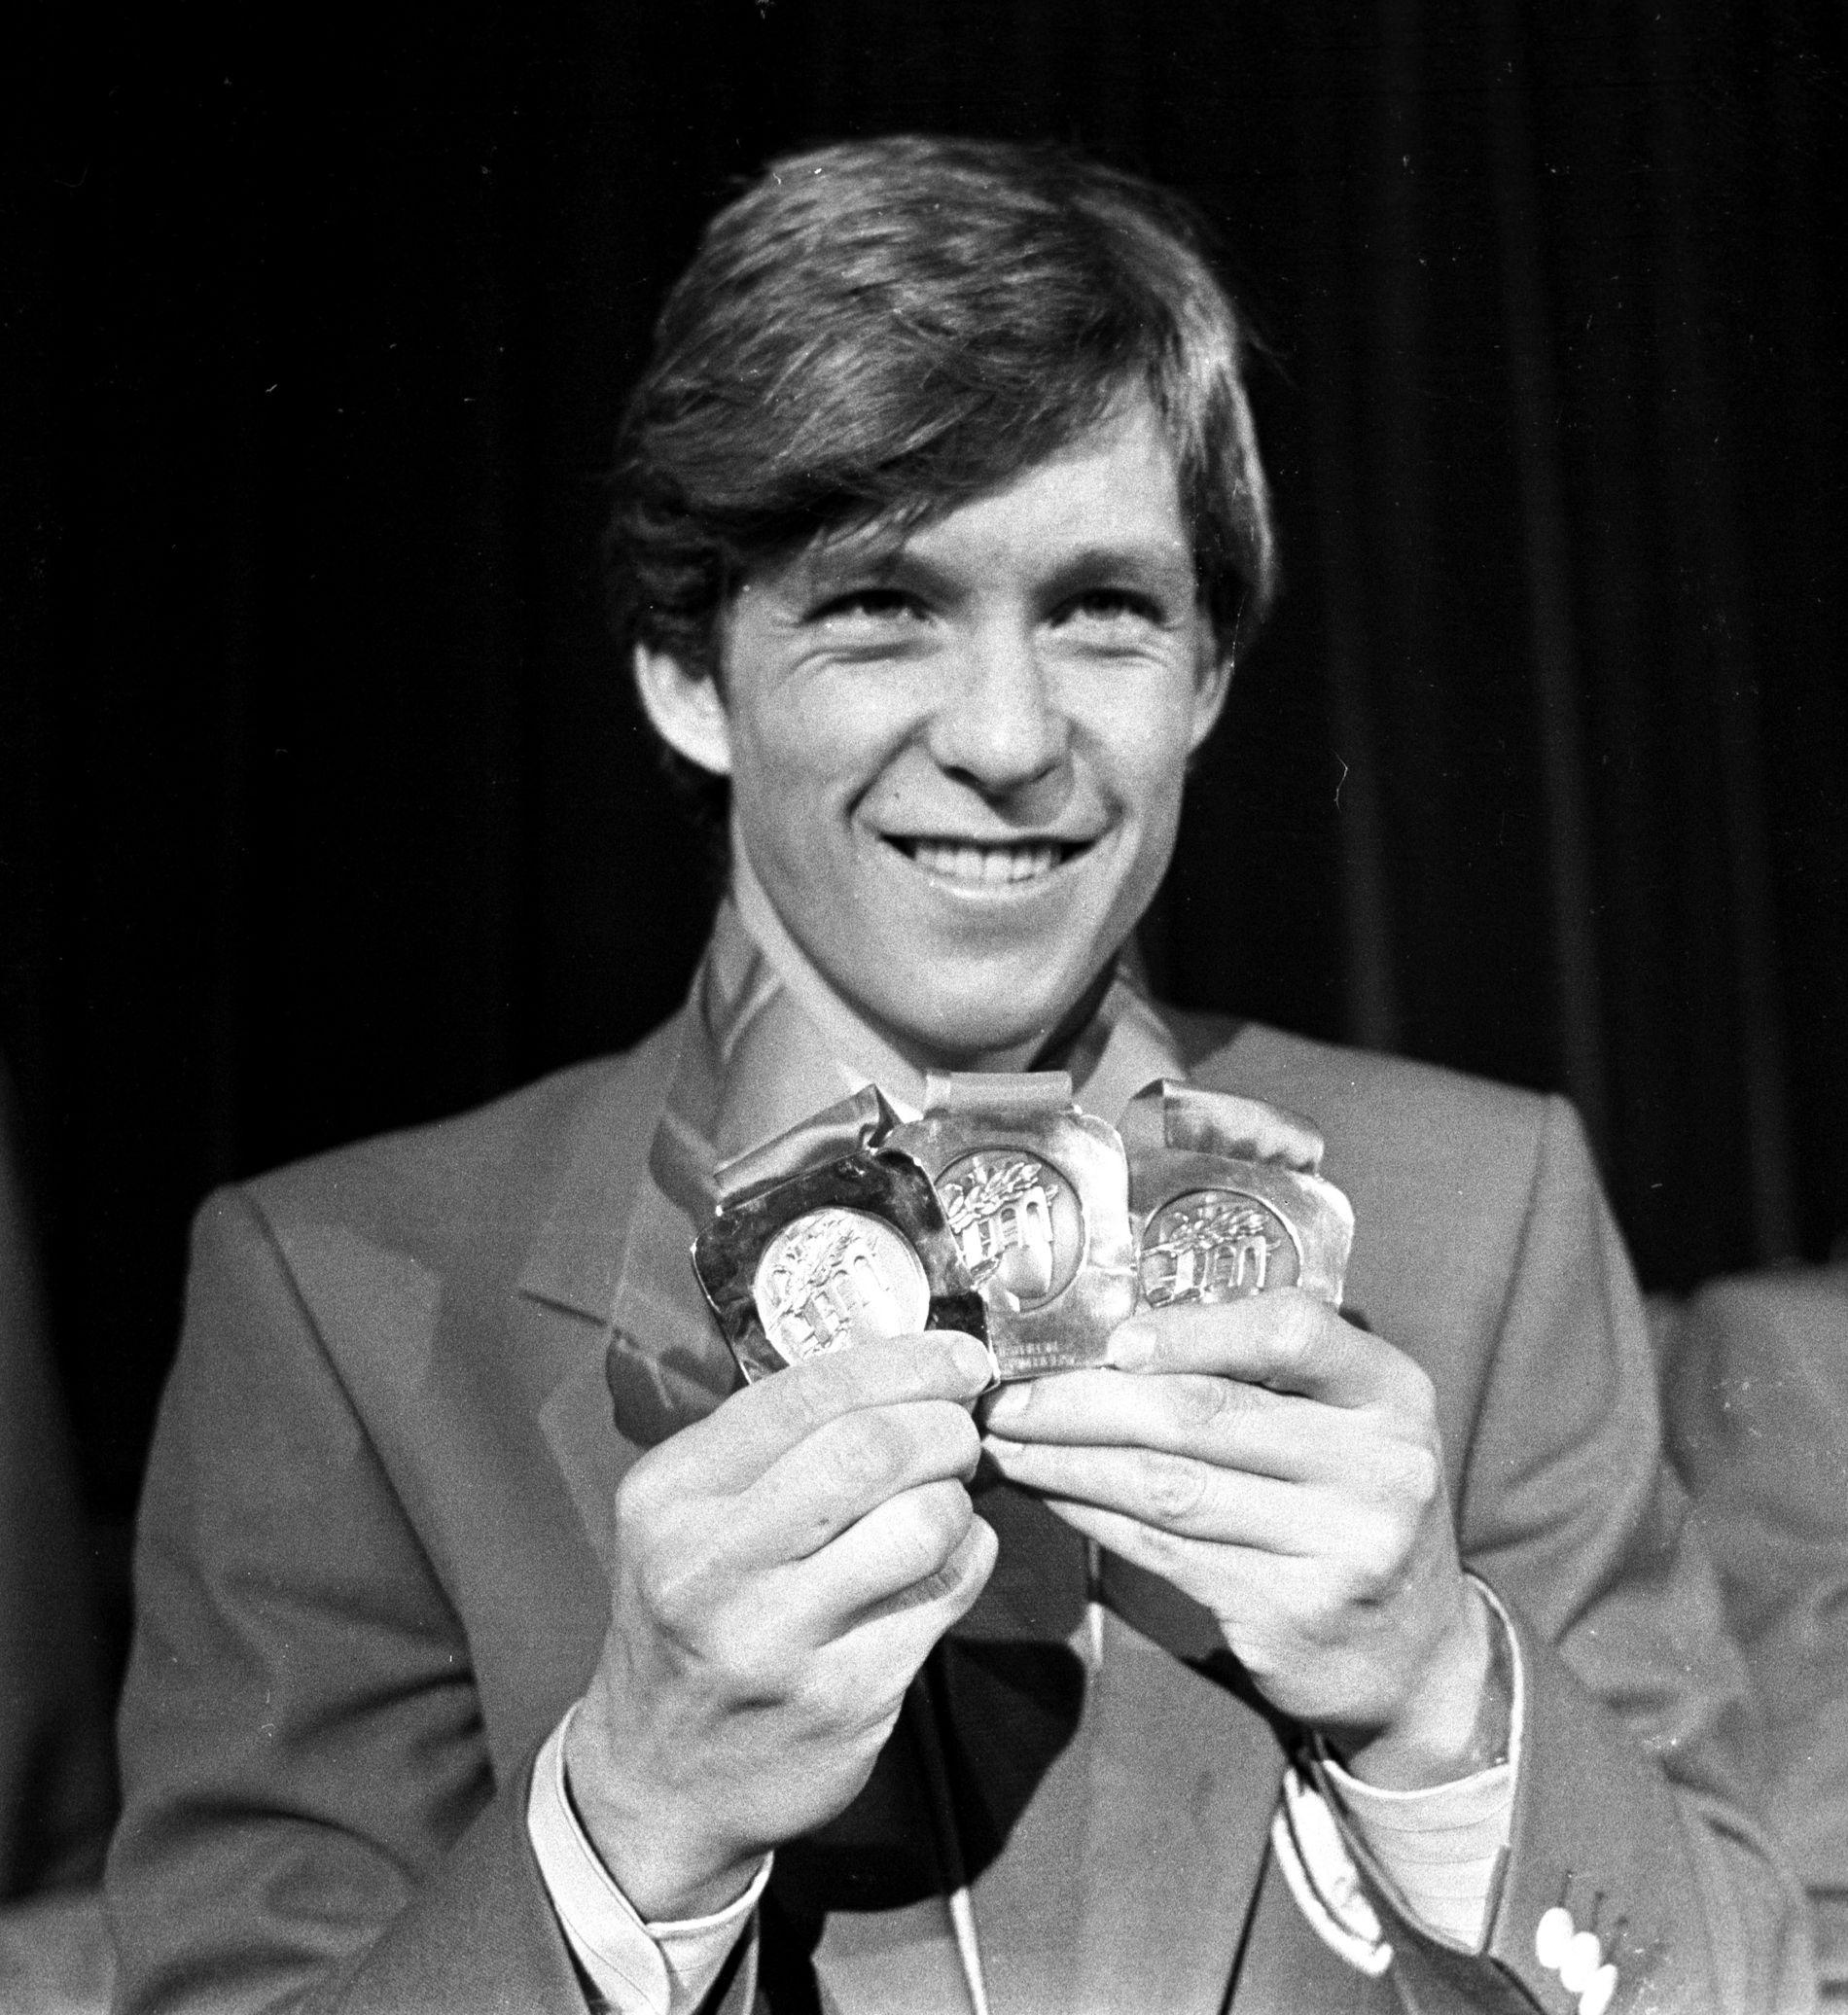 Skiskytterlegenden Eirik Kvalfoss synes Ole Einar Bjørndalen kanskje burde vært med til OL. Her poserer Kvalfoss med gull-, sølv- og bronsemedalje etter OL i Sarajevo i 1984.